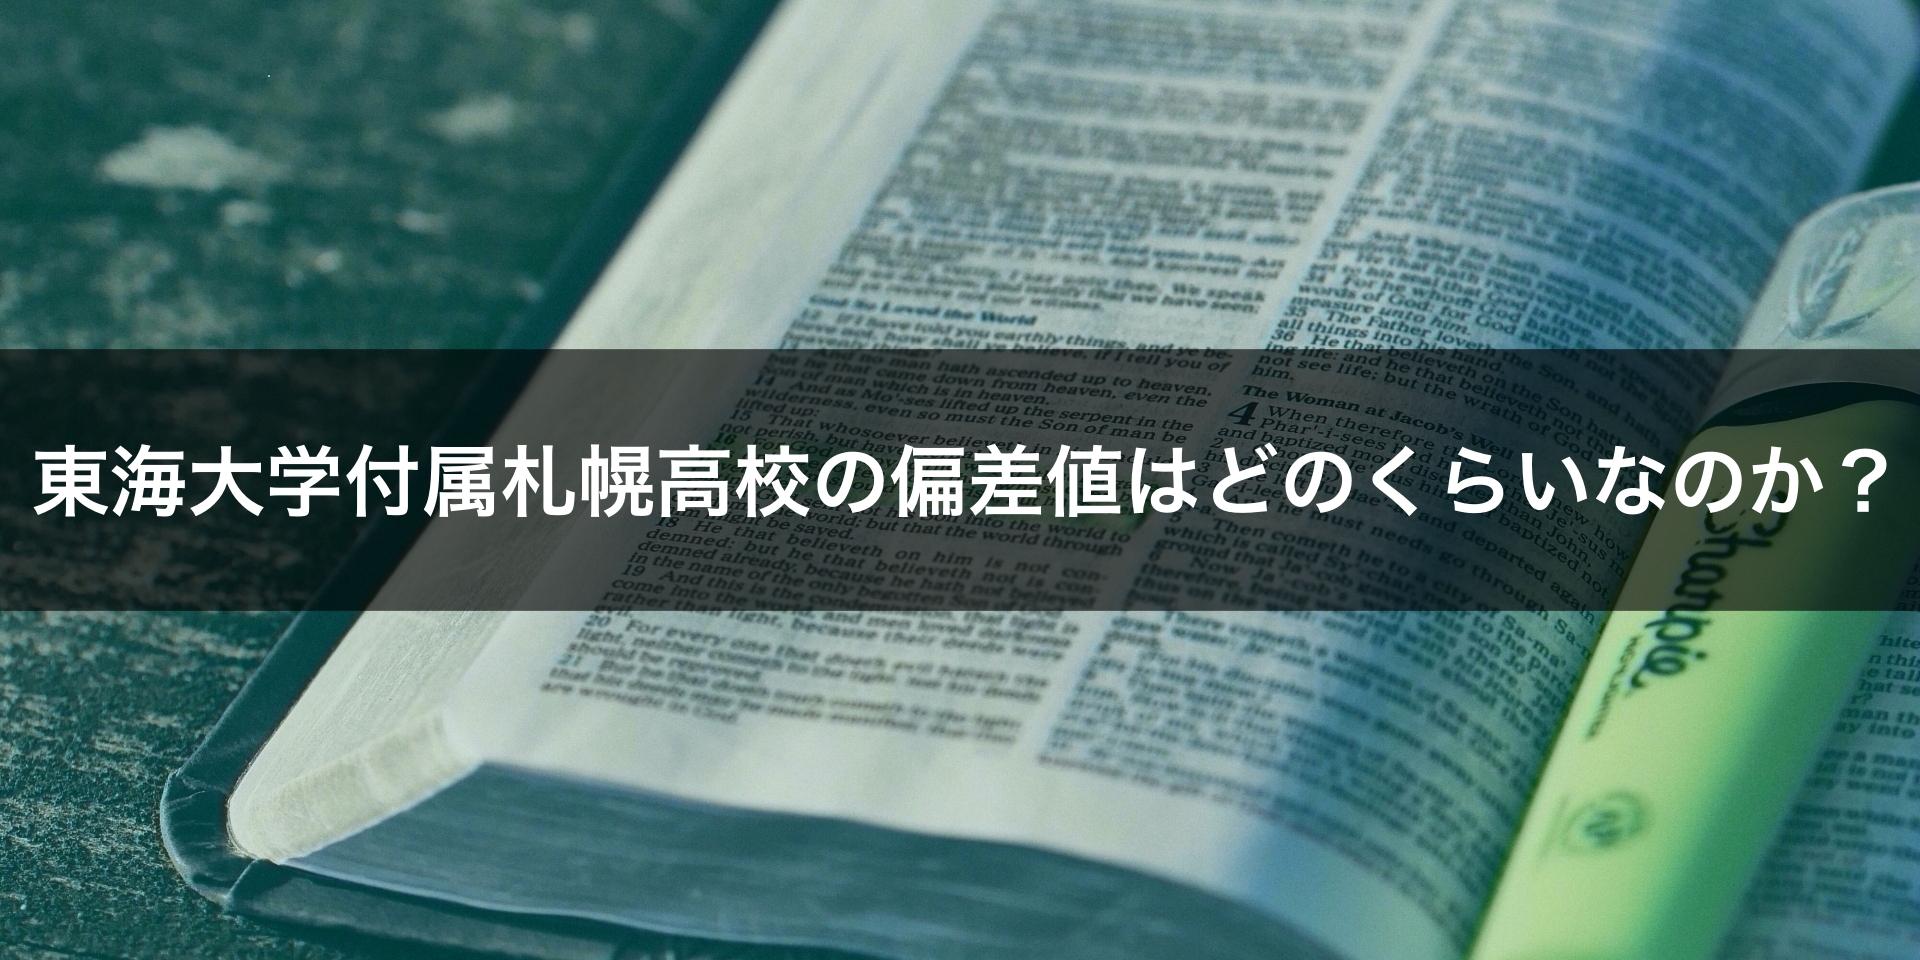 東海大学付属札幌の偏差値はどのくらいなのか?